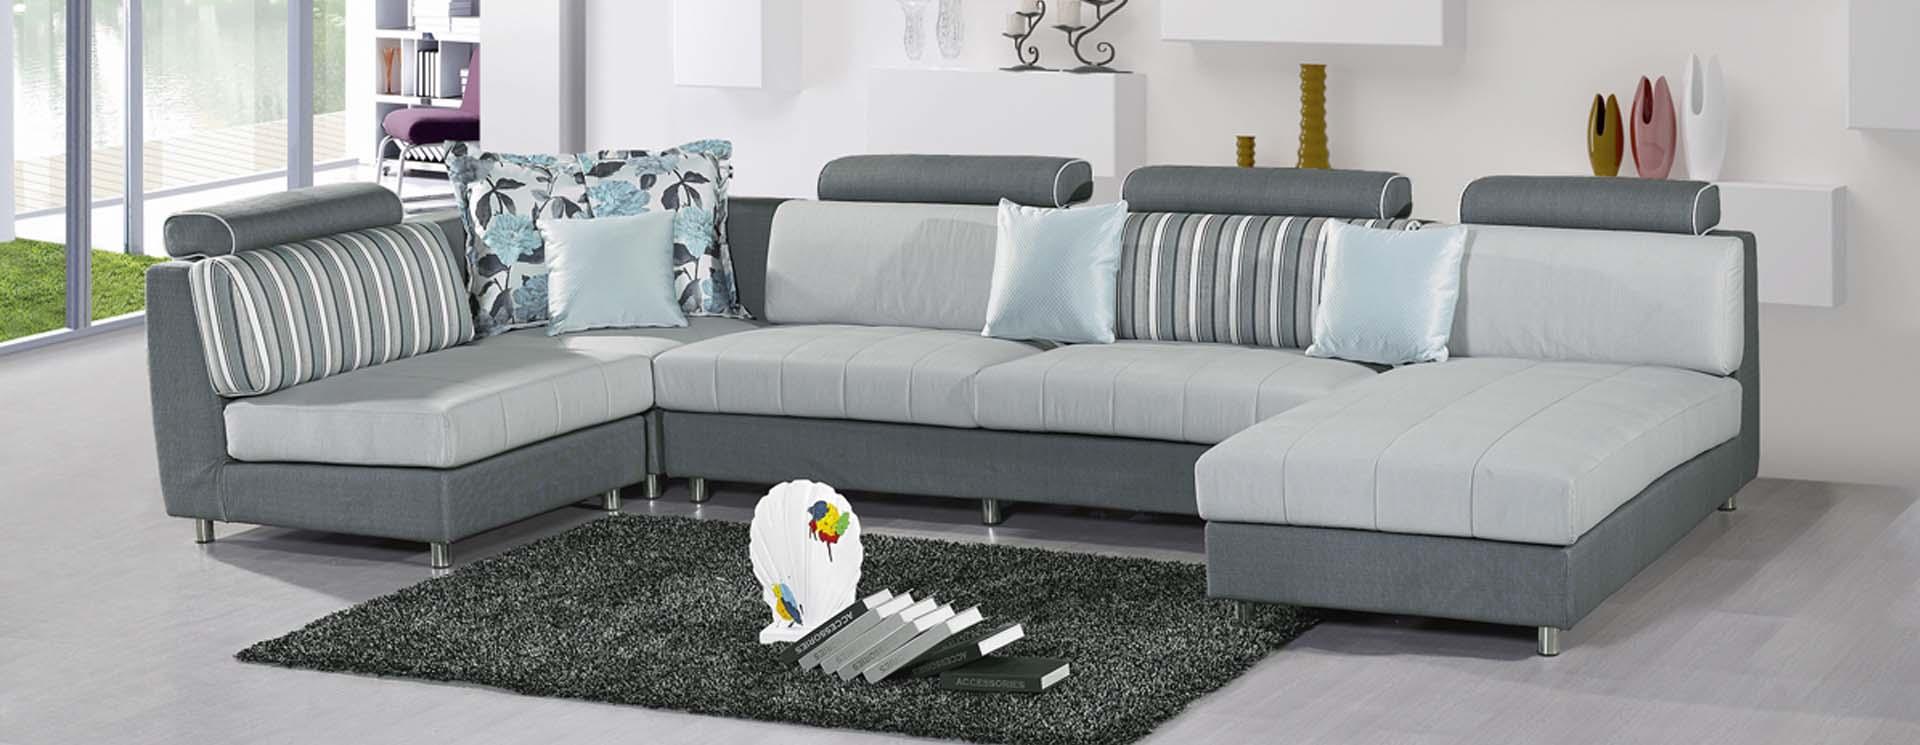 名称:沙发E-661B#<br/> 市场价:<font style='color:#999;text-decoration:line-through;'>¥0</font><br />全国统一零售价:<font color='Red'>¥0.0</font>